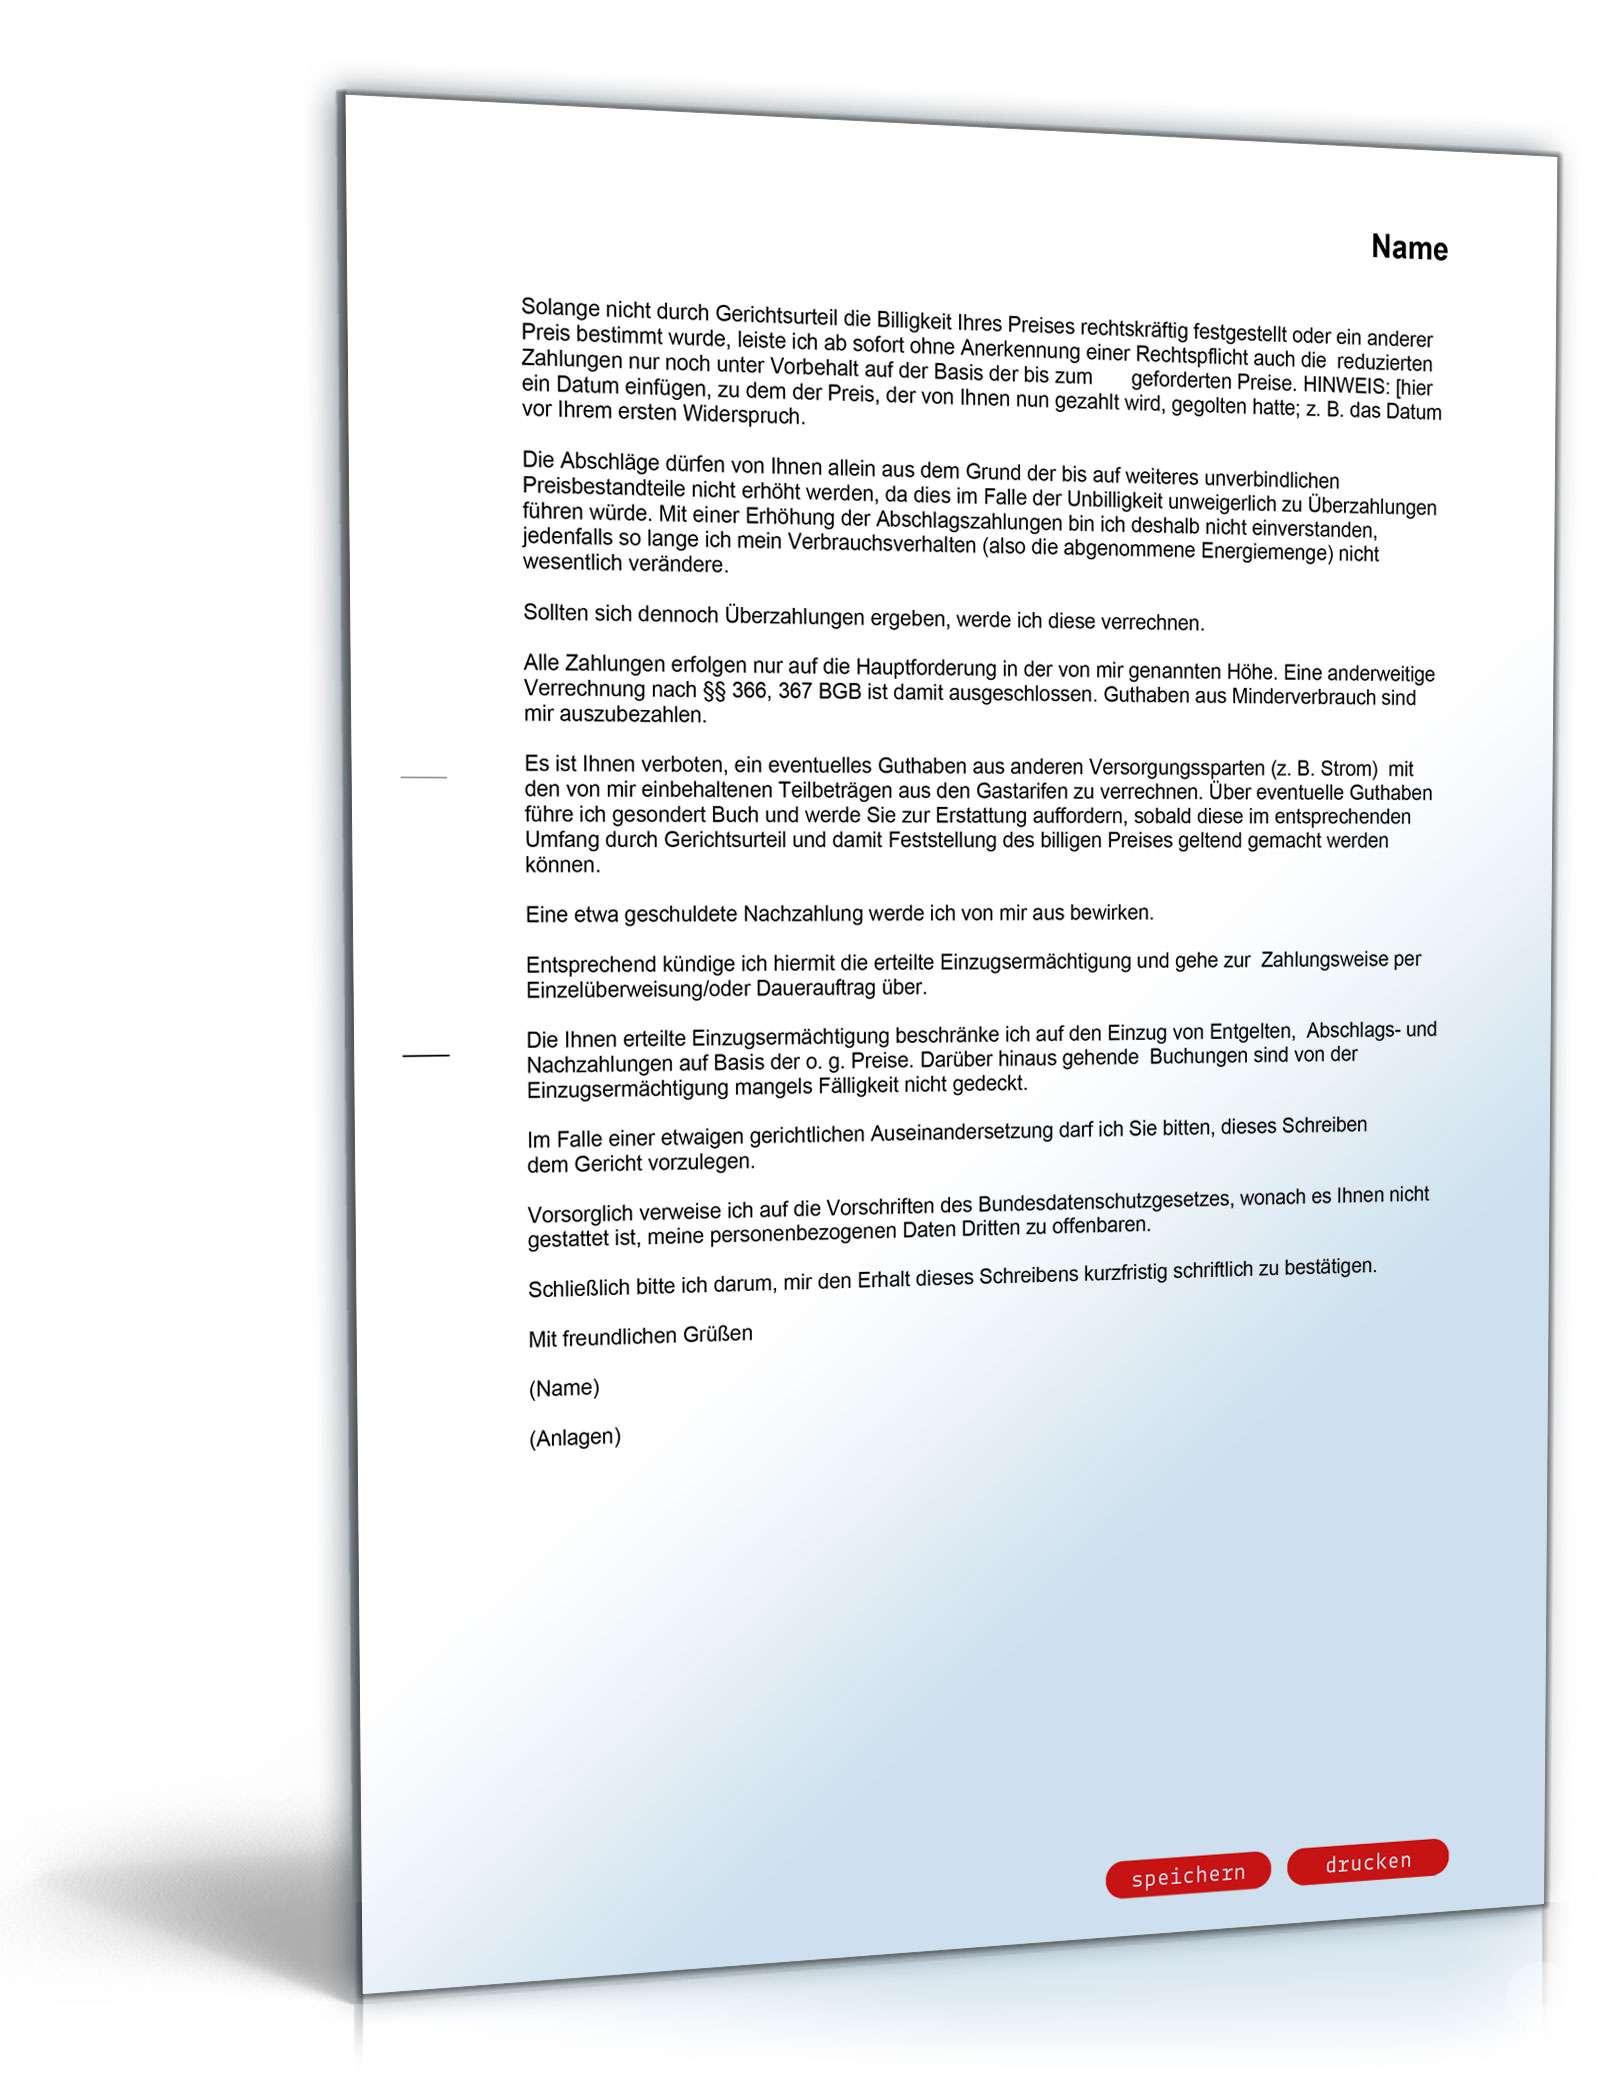 Widerspruch Preiserhöhung Gasversorger Muster Zum Download